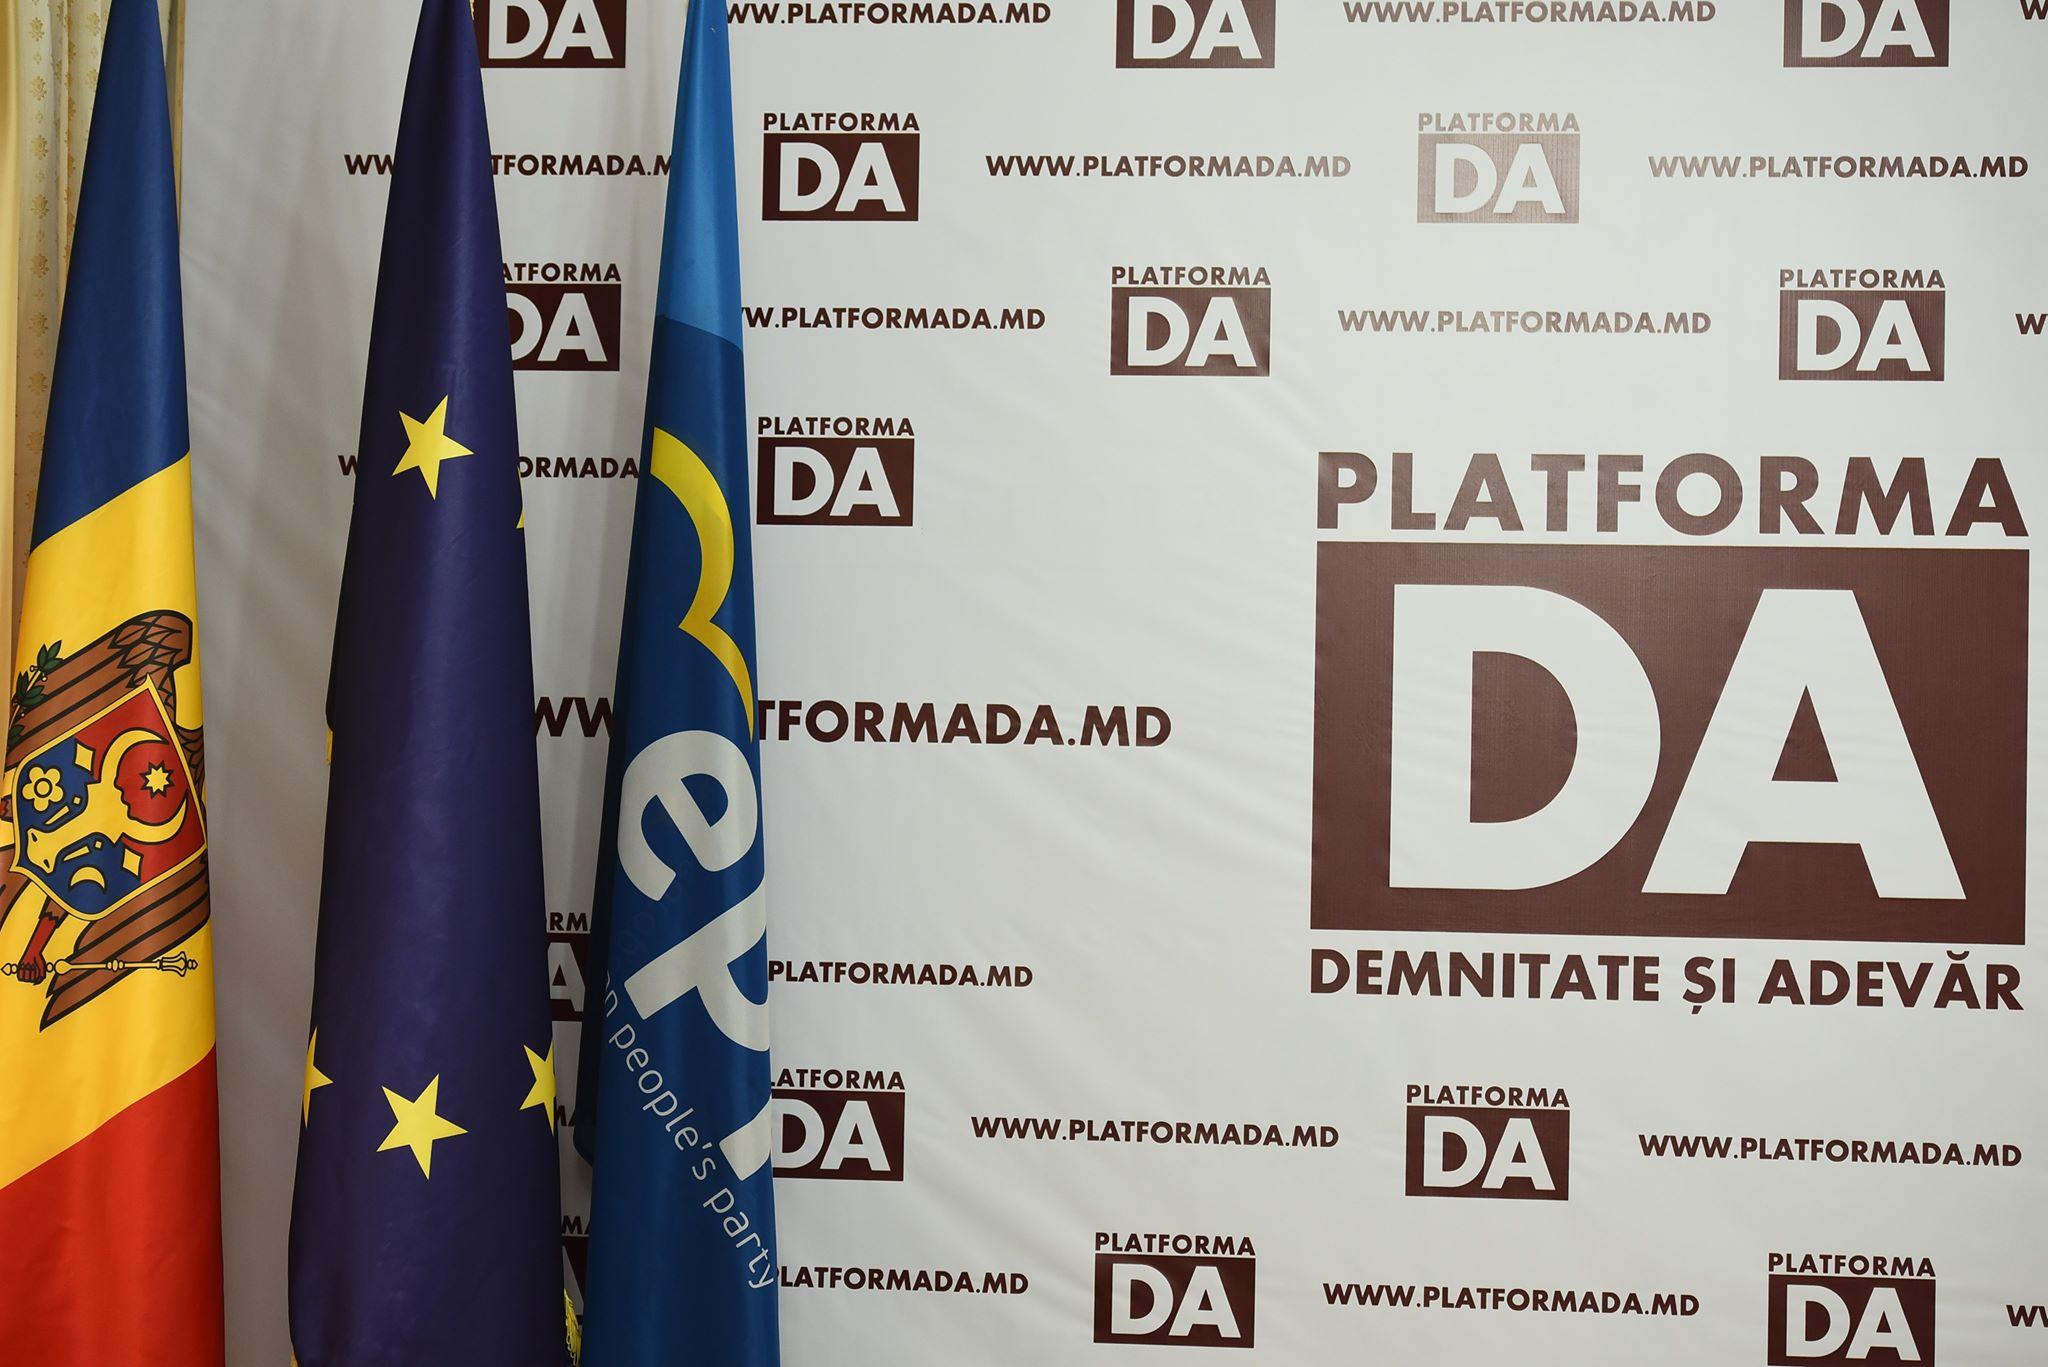 Inițiativă a Platformei DA – aprobarea Declarației privind ilegalitățile crase comise de regimul separatist și lipsa de reacție a guvernării